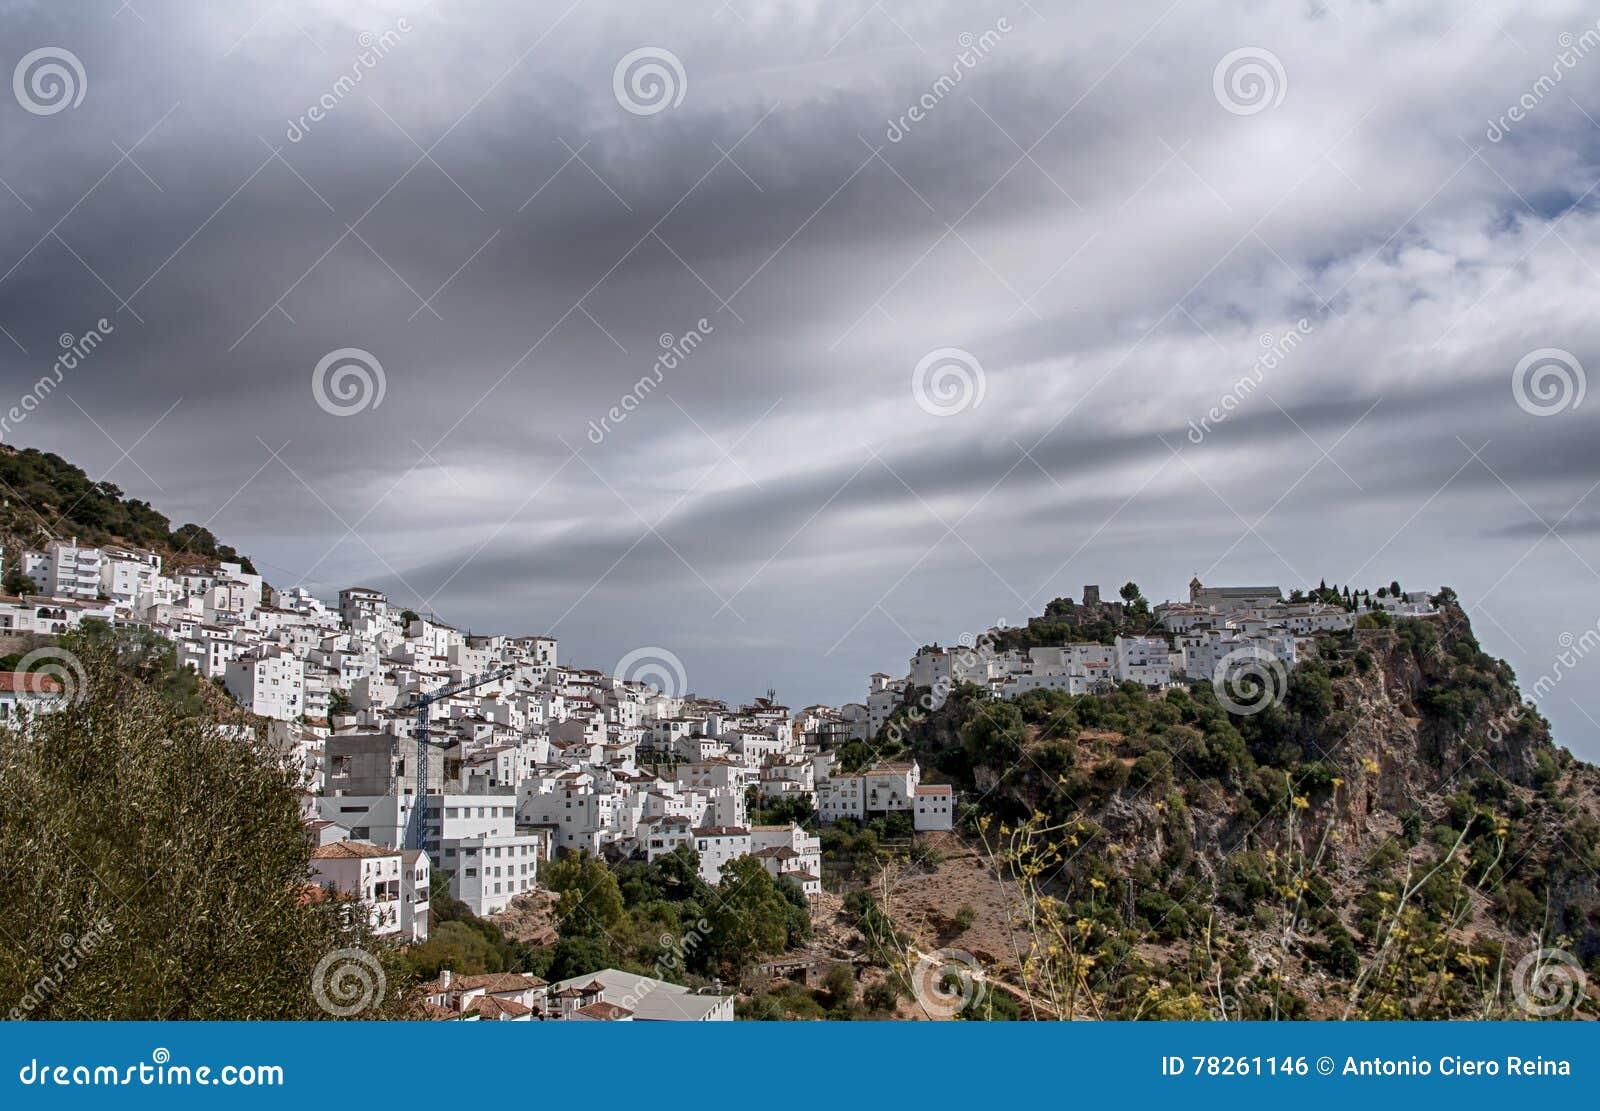 Όμορφο άσπρο ανδαλουσιακό χωριό στην επαρχία της Μάλαγας, Casares